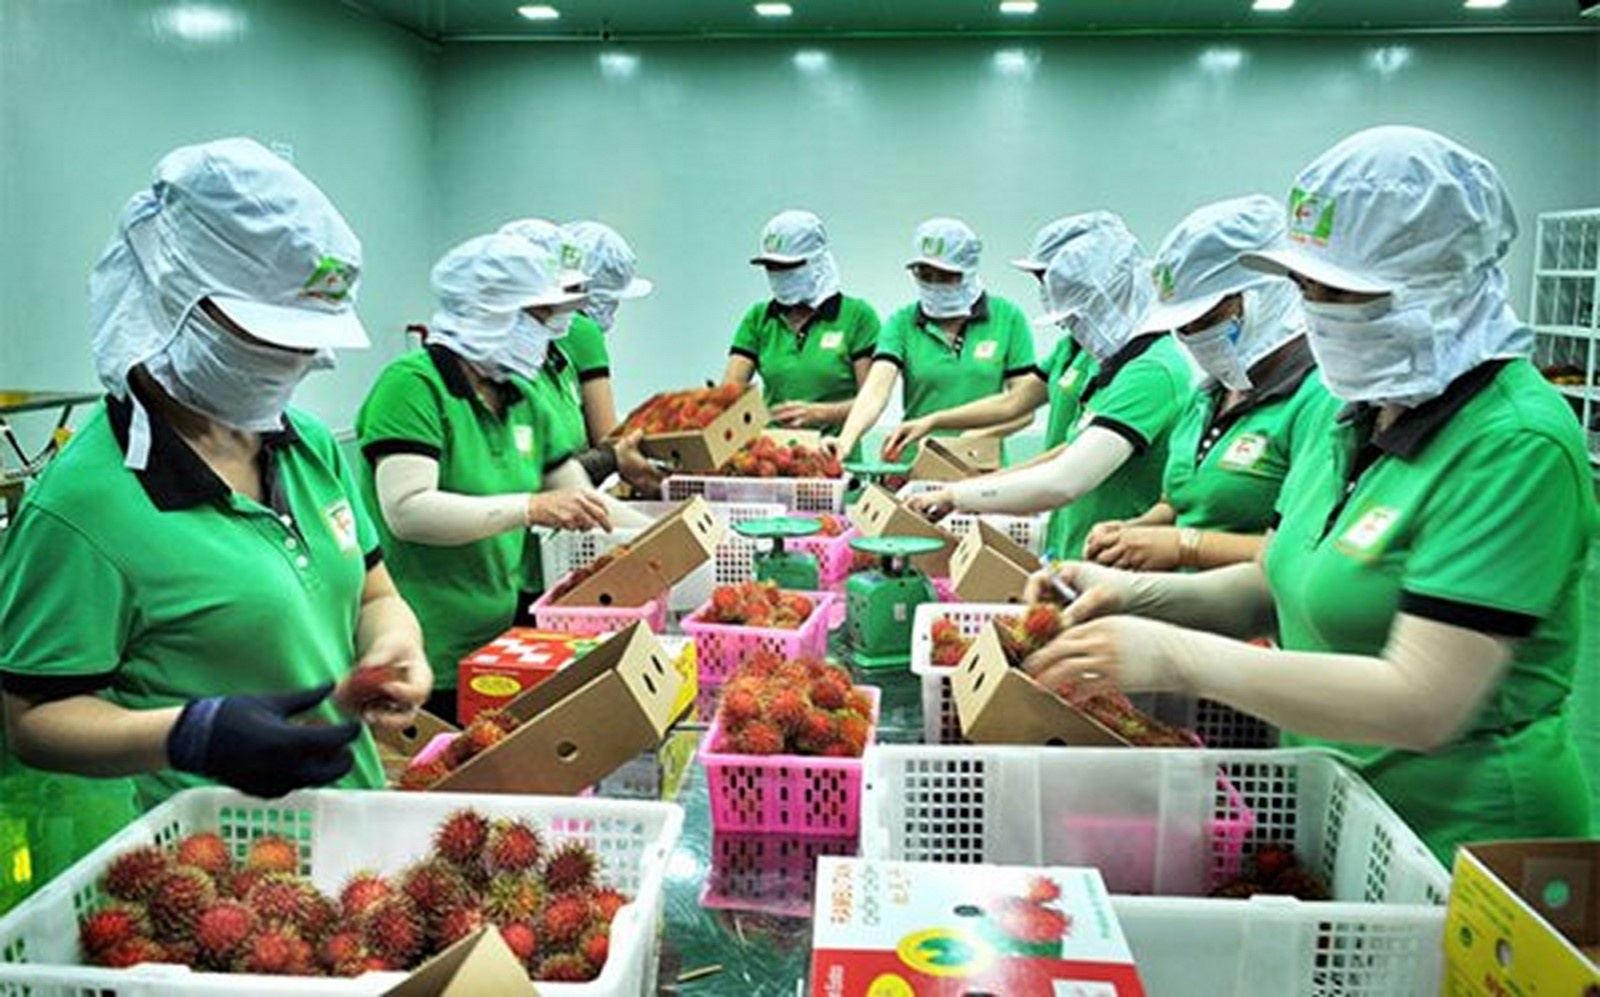 tang cuong hop tac nong nghiep viet nam new zealand